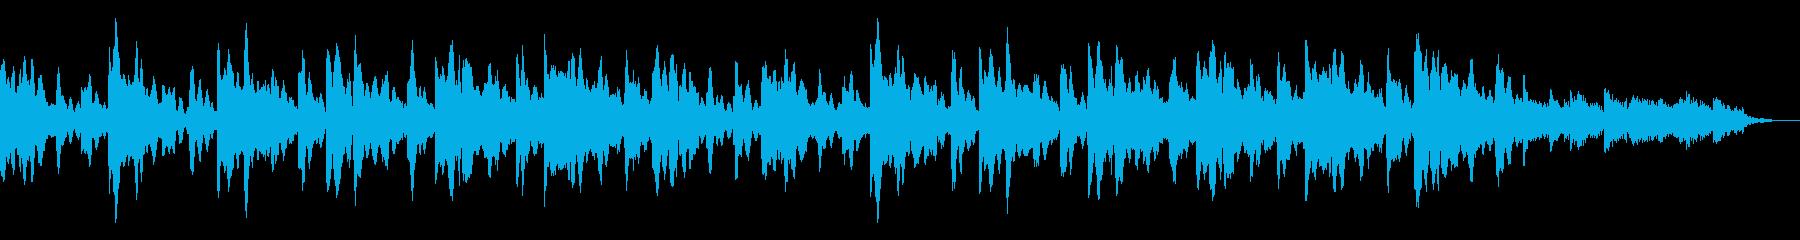 冬の訪れのような幻想的なBGMの再生済みの波形